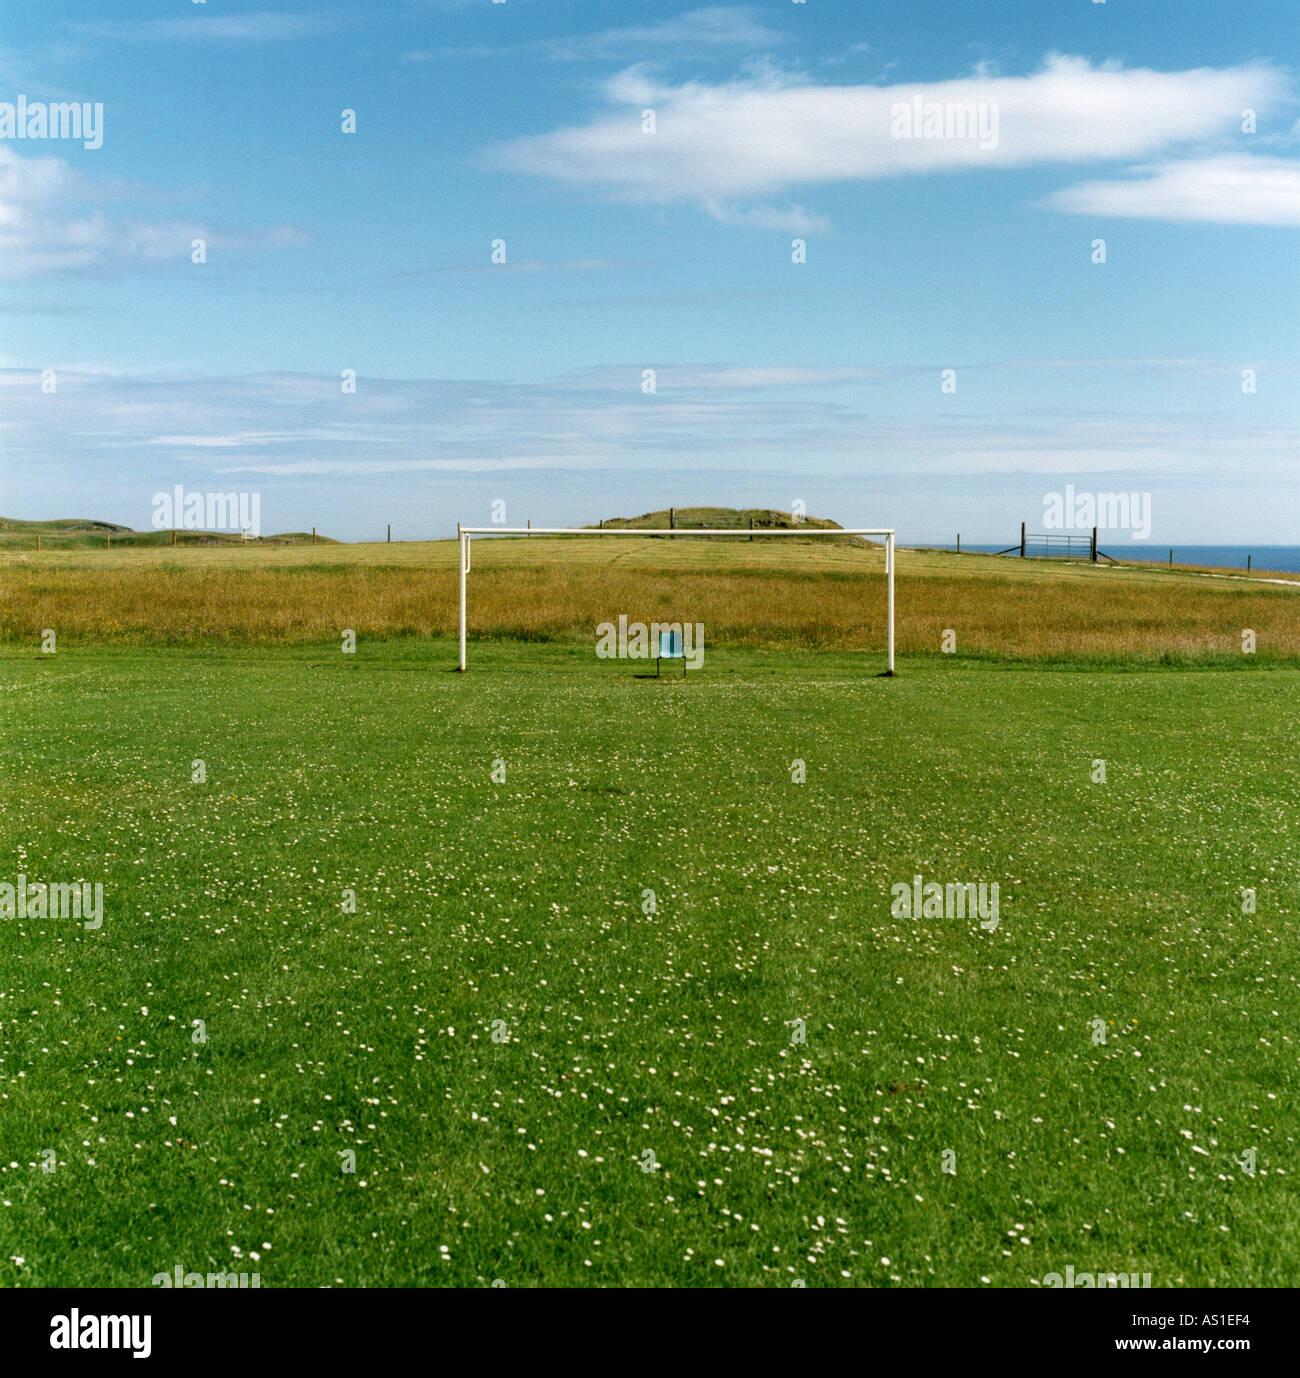 Masse Im Bereich Fussball Stockfoto Bild 1580787 Alamy